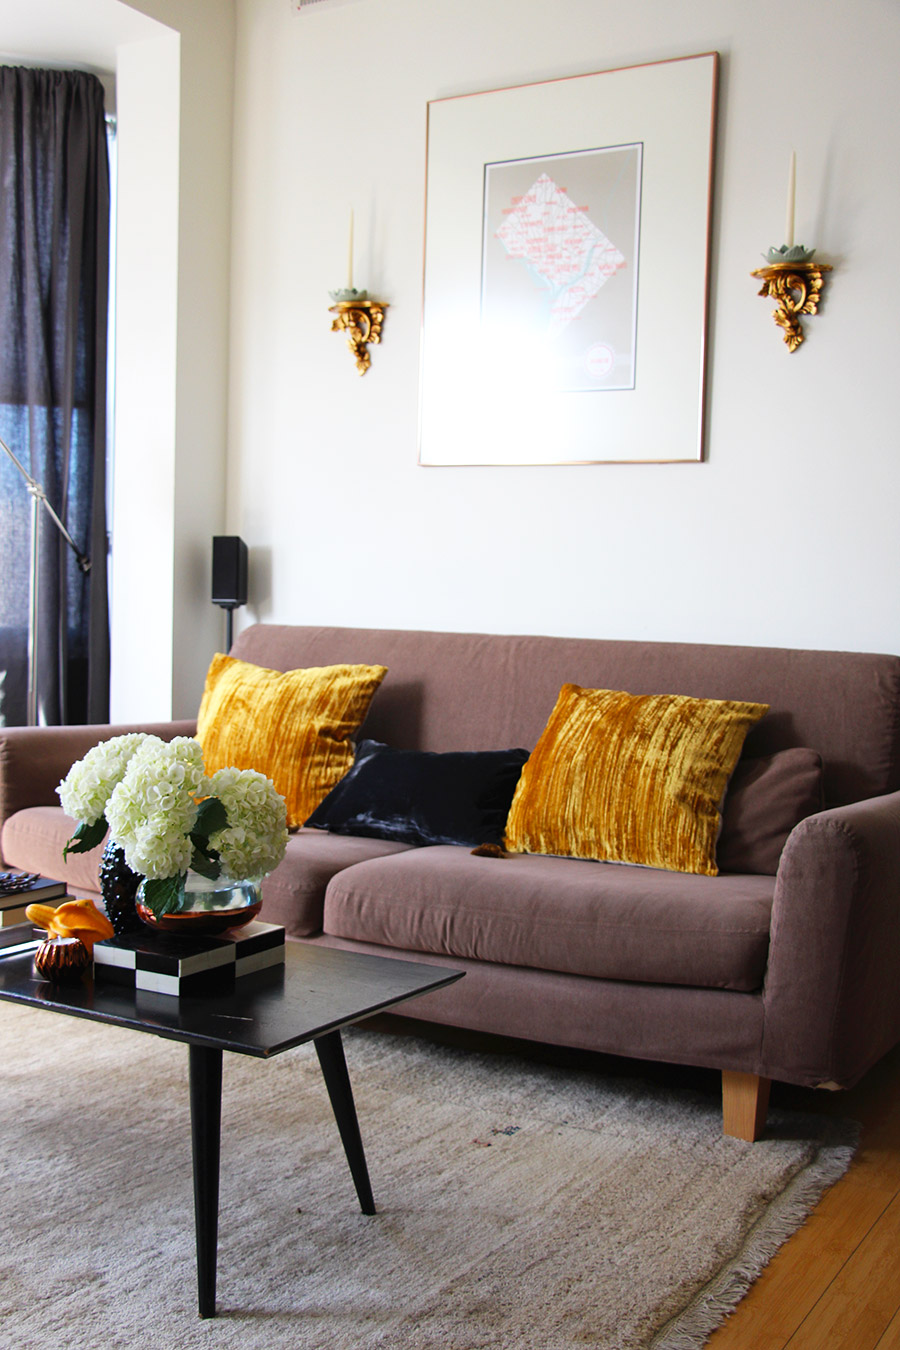 splendor-glam-living-room-home-decor.jpg